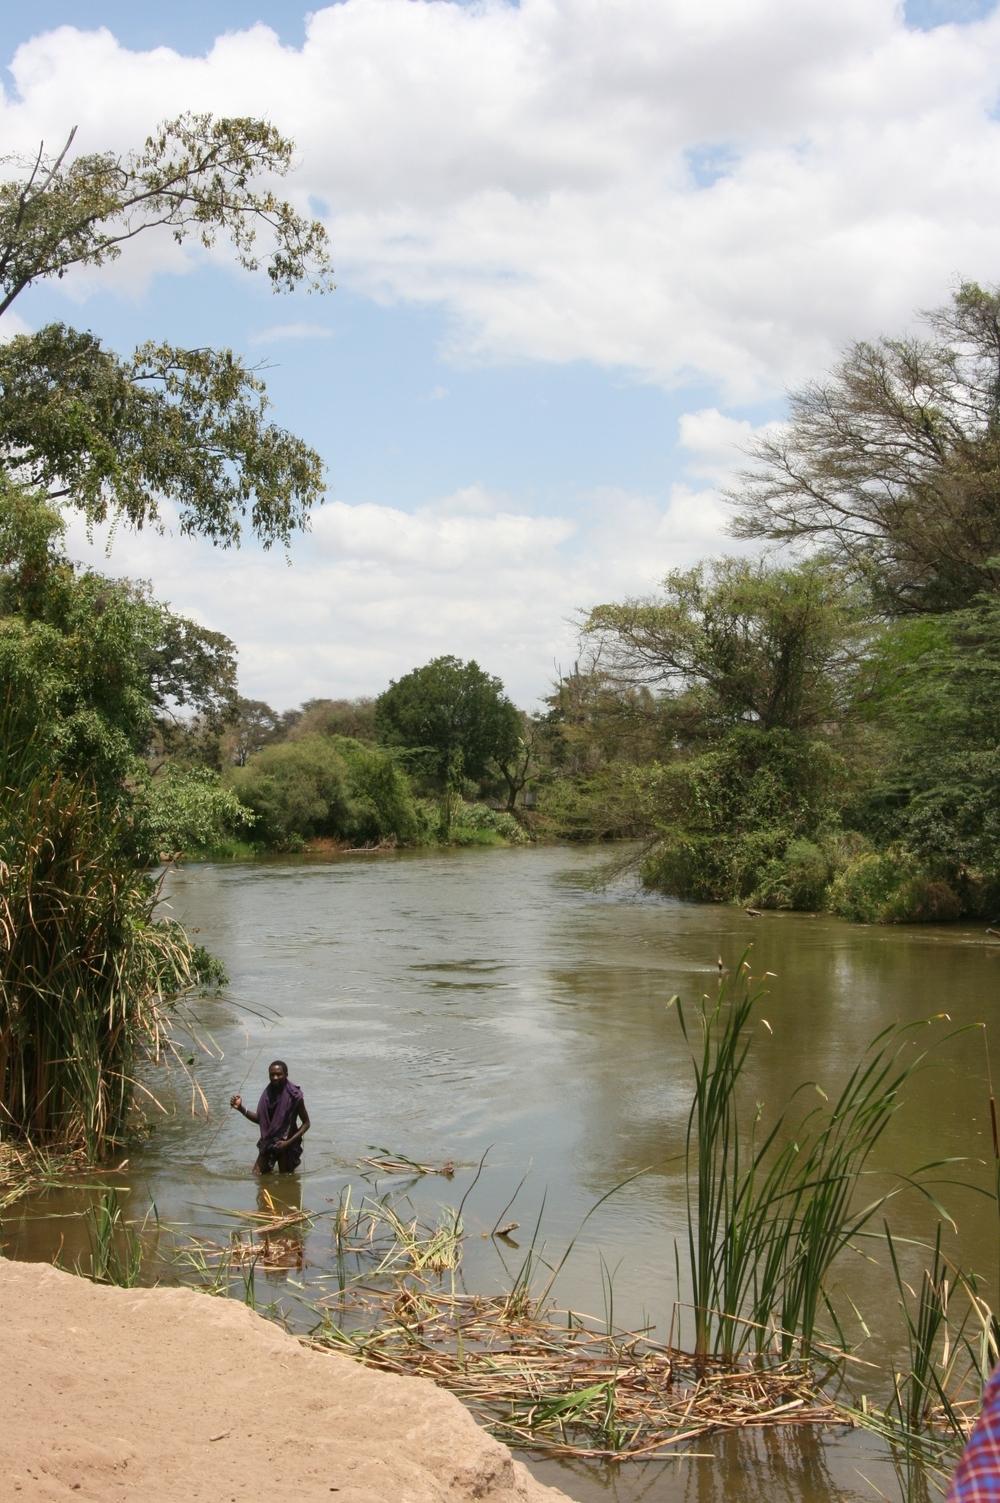 A man wades through the Pangani River while fishing - Tanzania